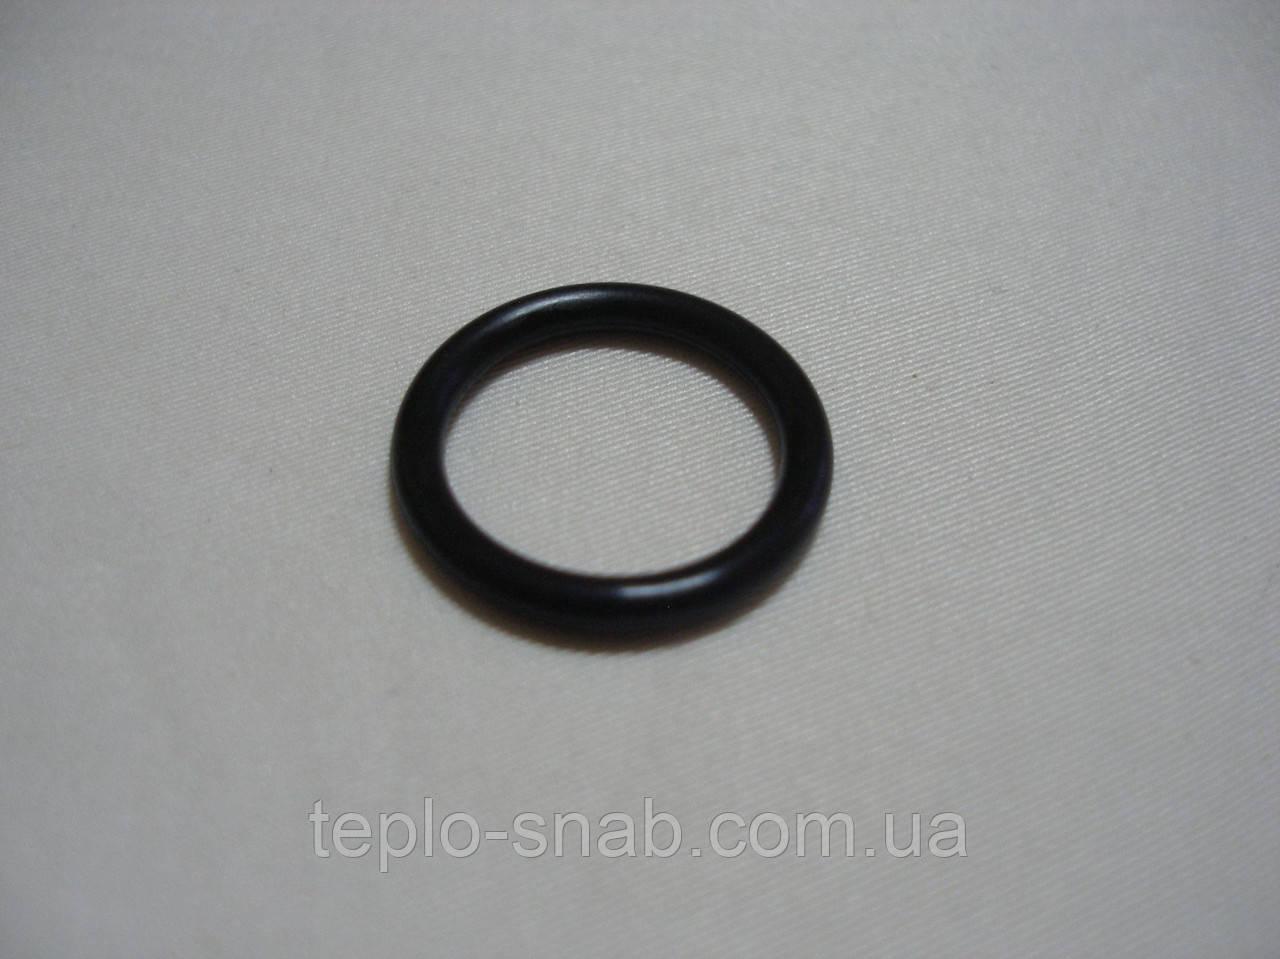 Прокладка (уплотнительное кольцо) теплообменника Ferroli Domiproject, Domicompact. 39837690